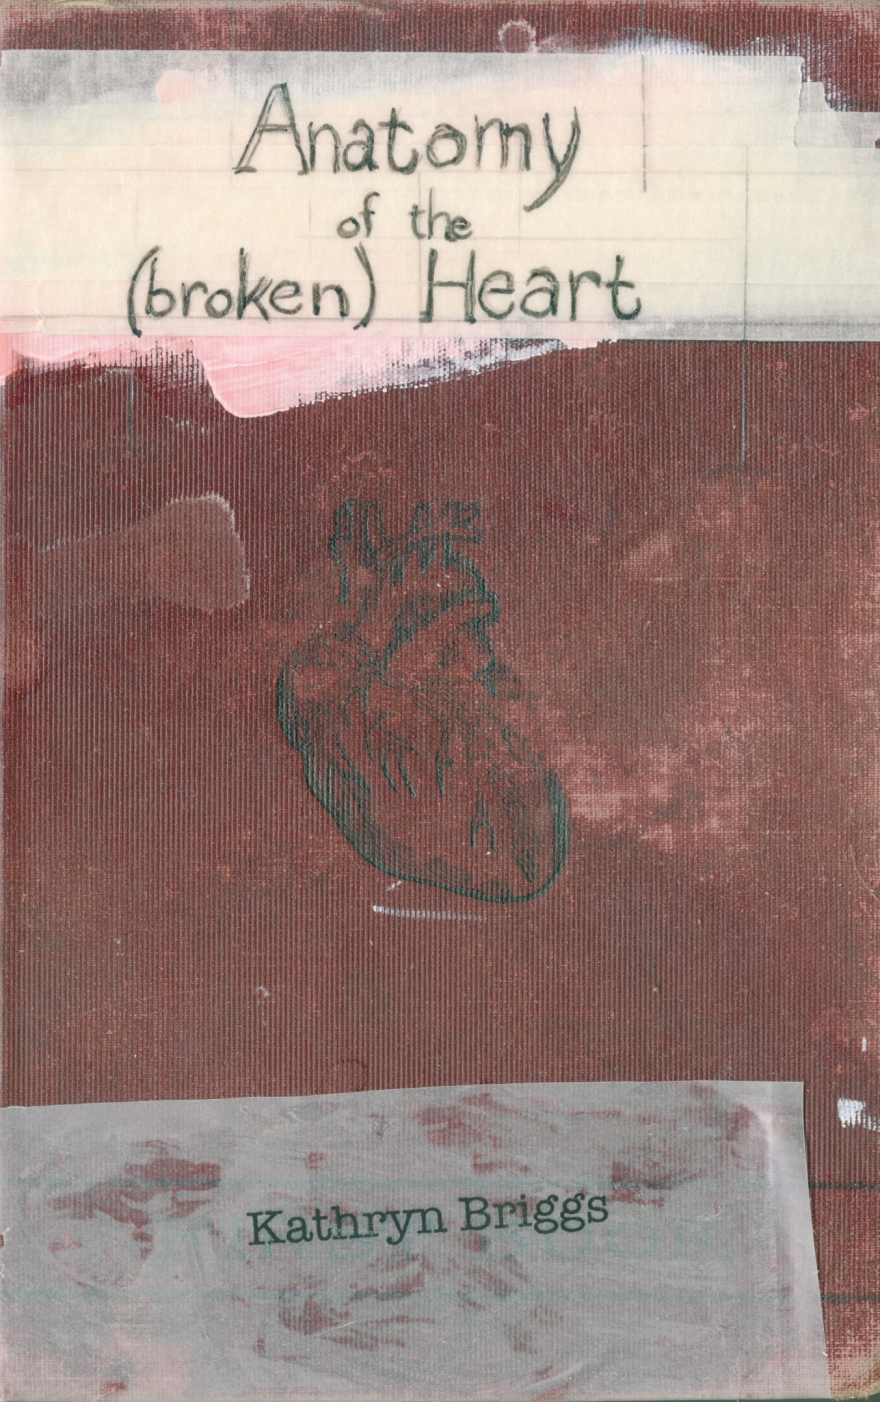 Anatomy of the (broken) heart